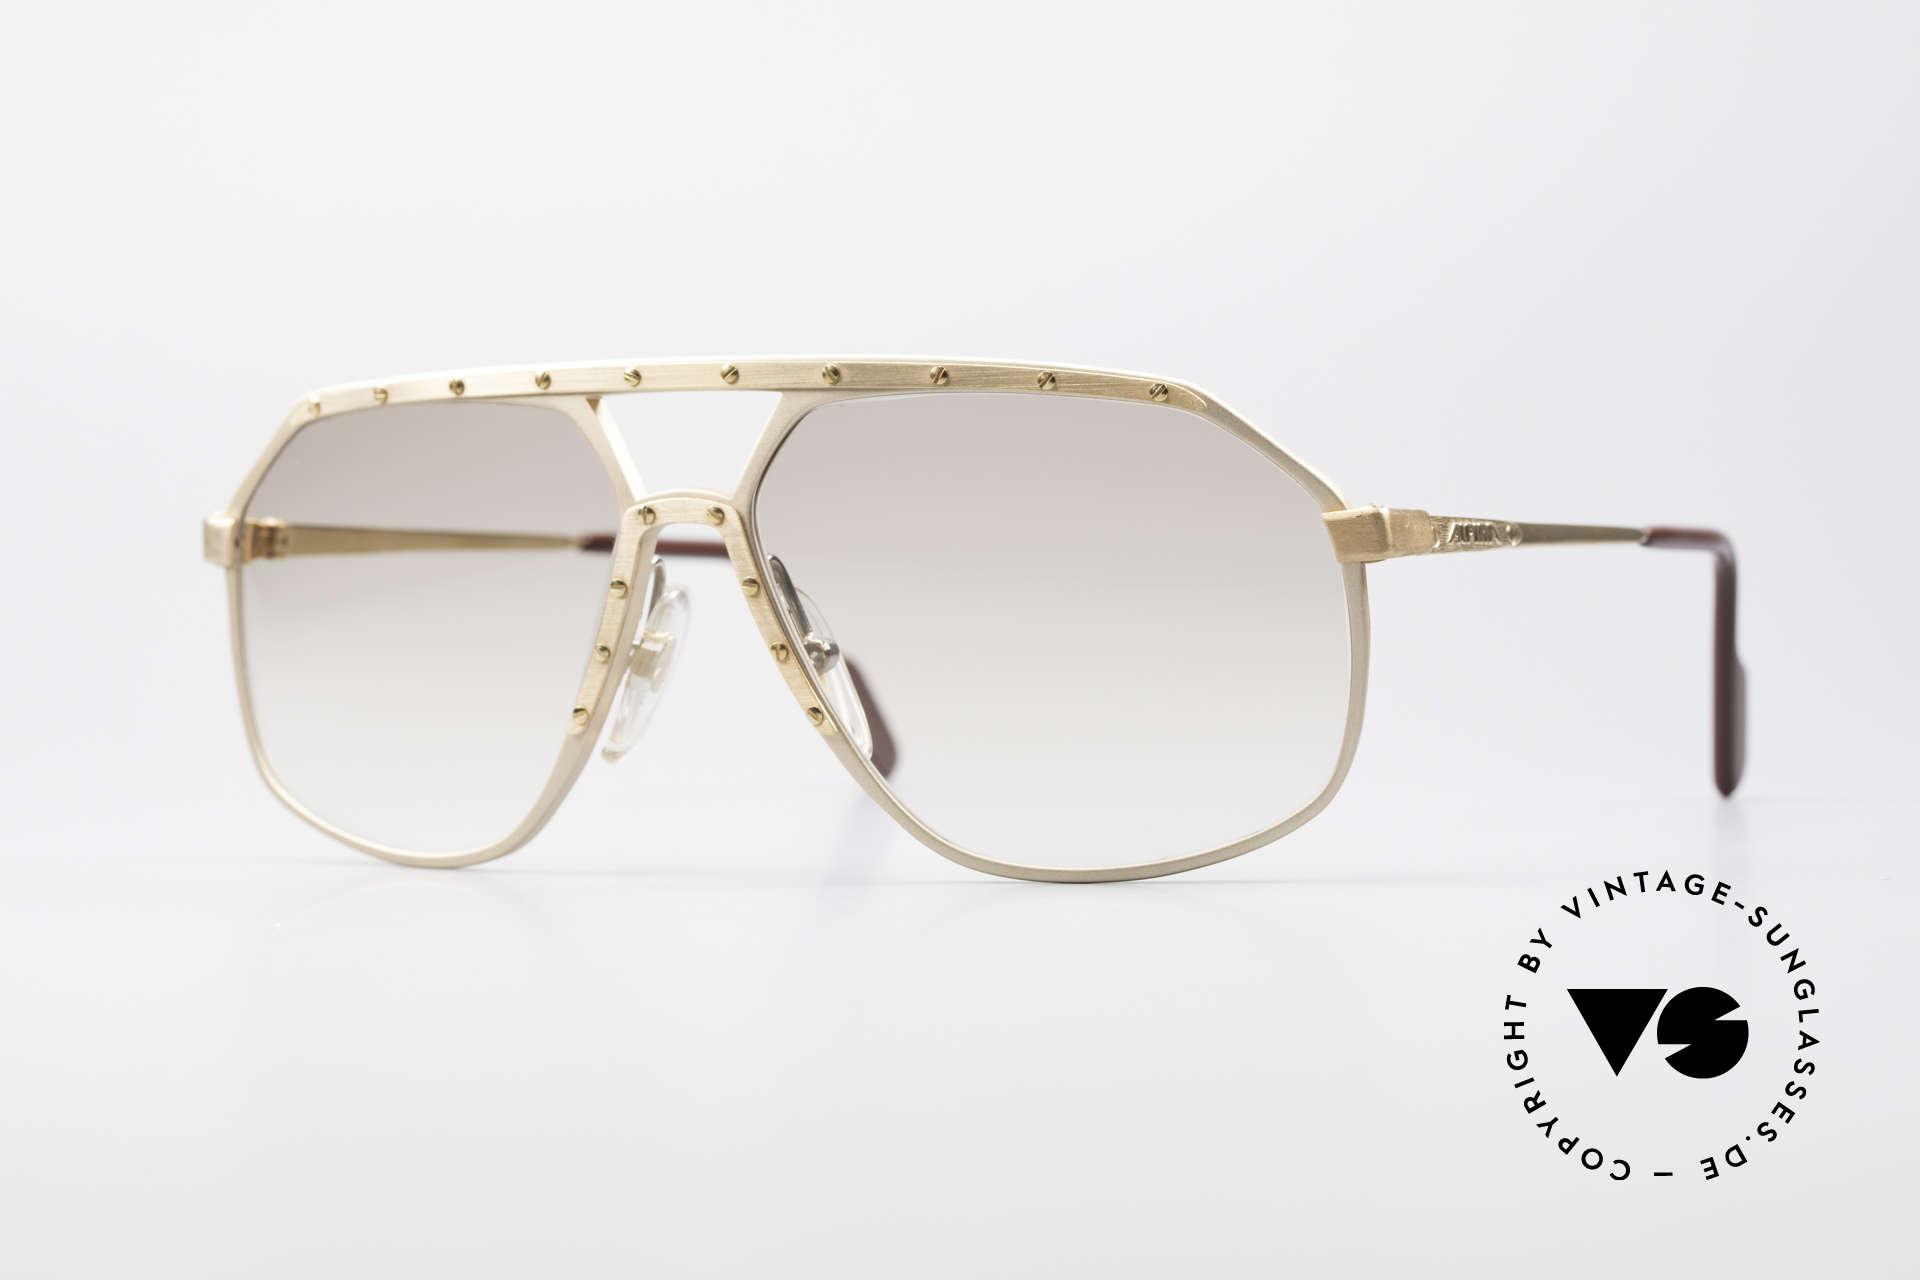 Alpina M6 Echte Alte 80er Vintage Brille, legendäre Alpina M6 vintage Designer-Sonnenbrille, Passend für Herren